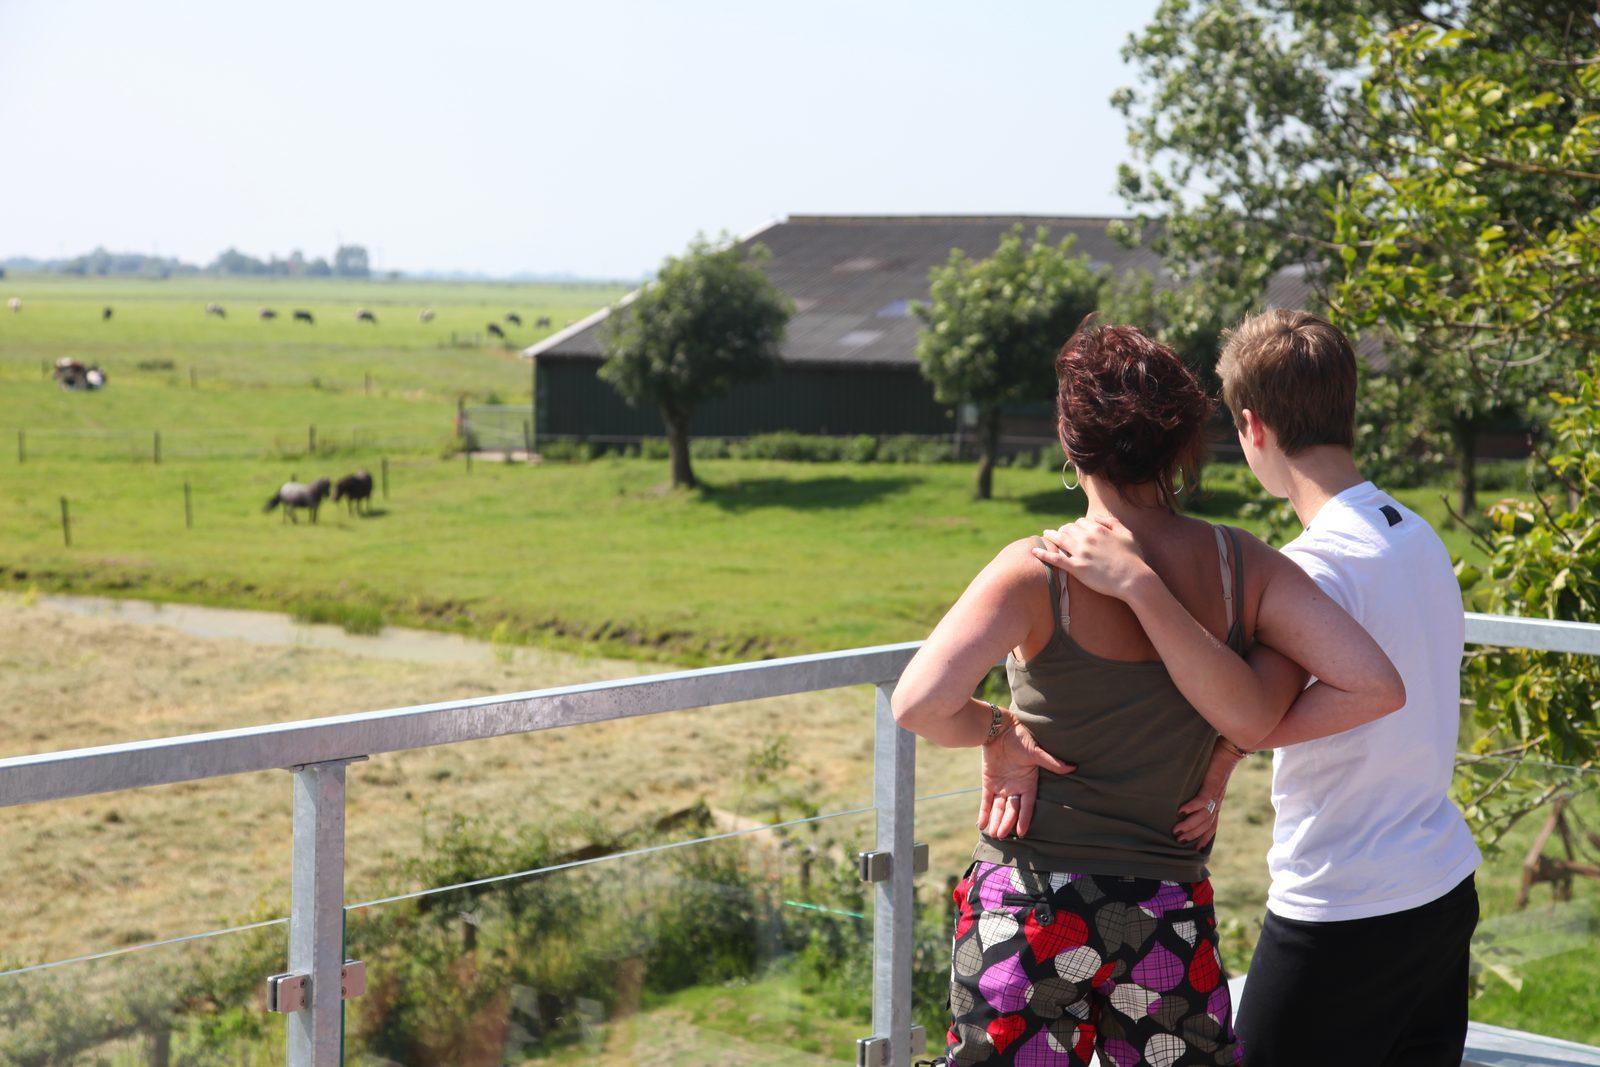 Nederland, Friesland, vakantiehuis, vakantiewoning, weekendje weg, natuur